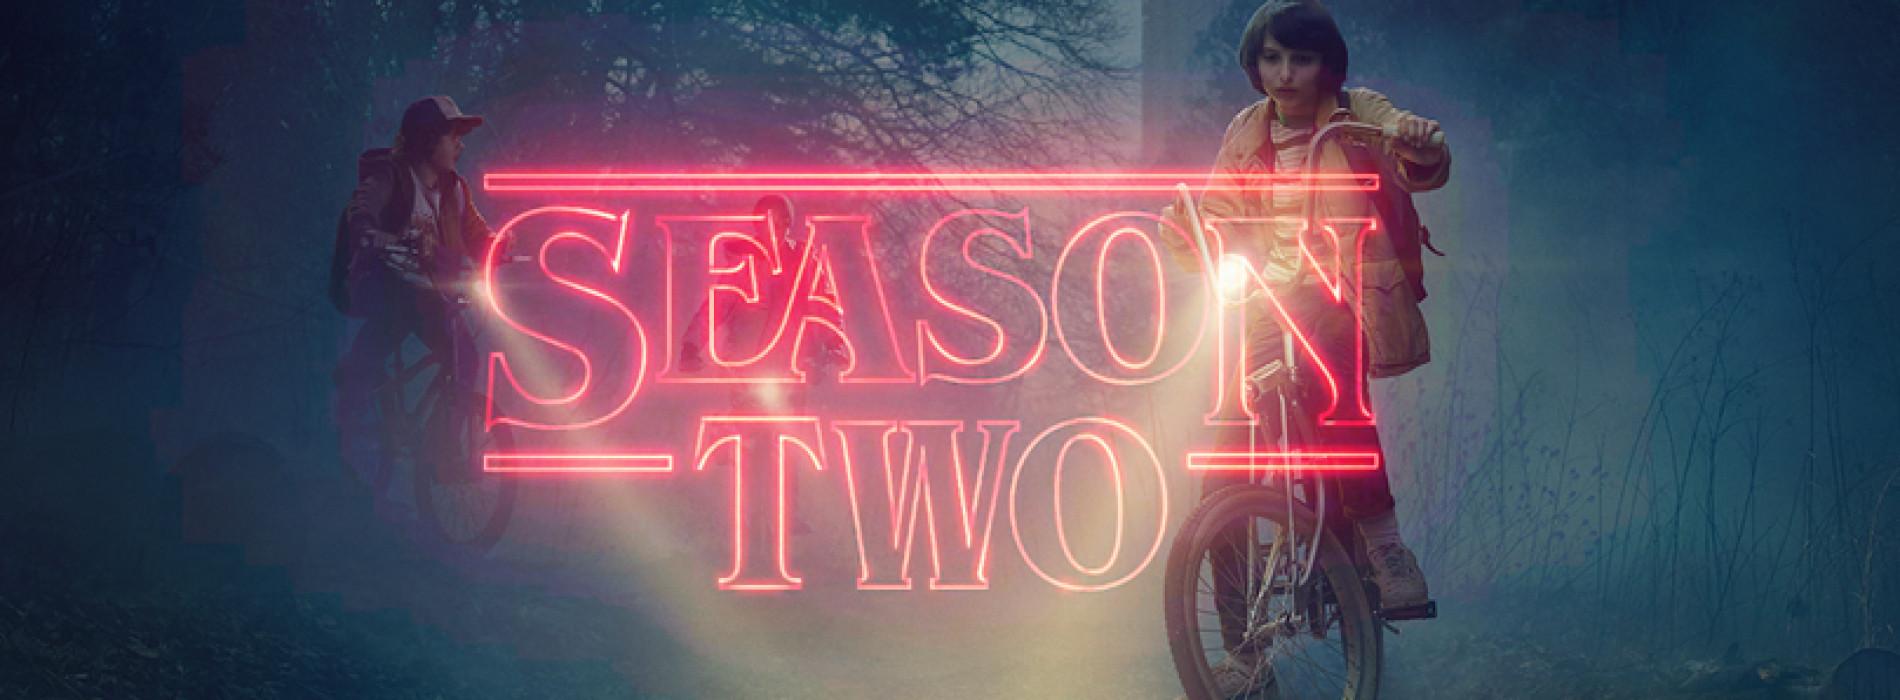 Detalles de la segunda (¿y tercera?) temporada de Stranger Things